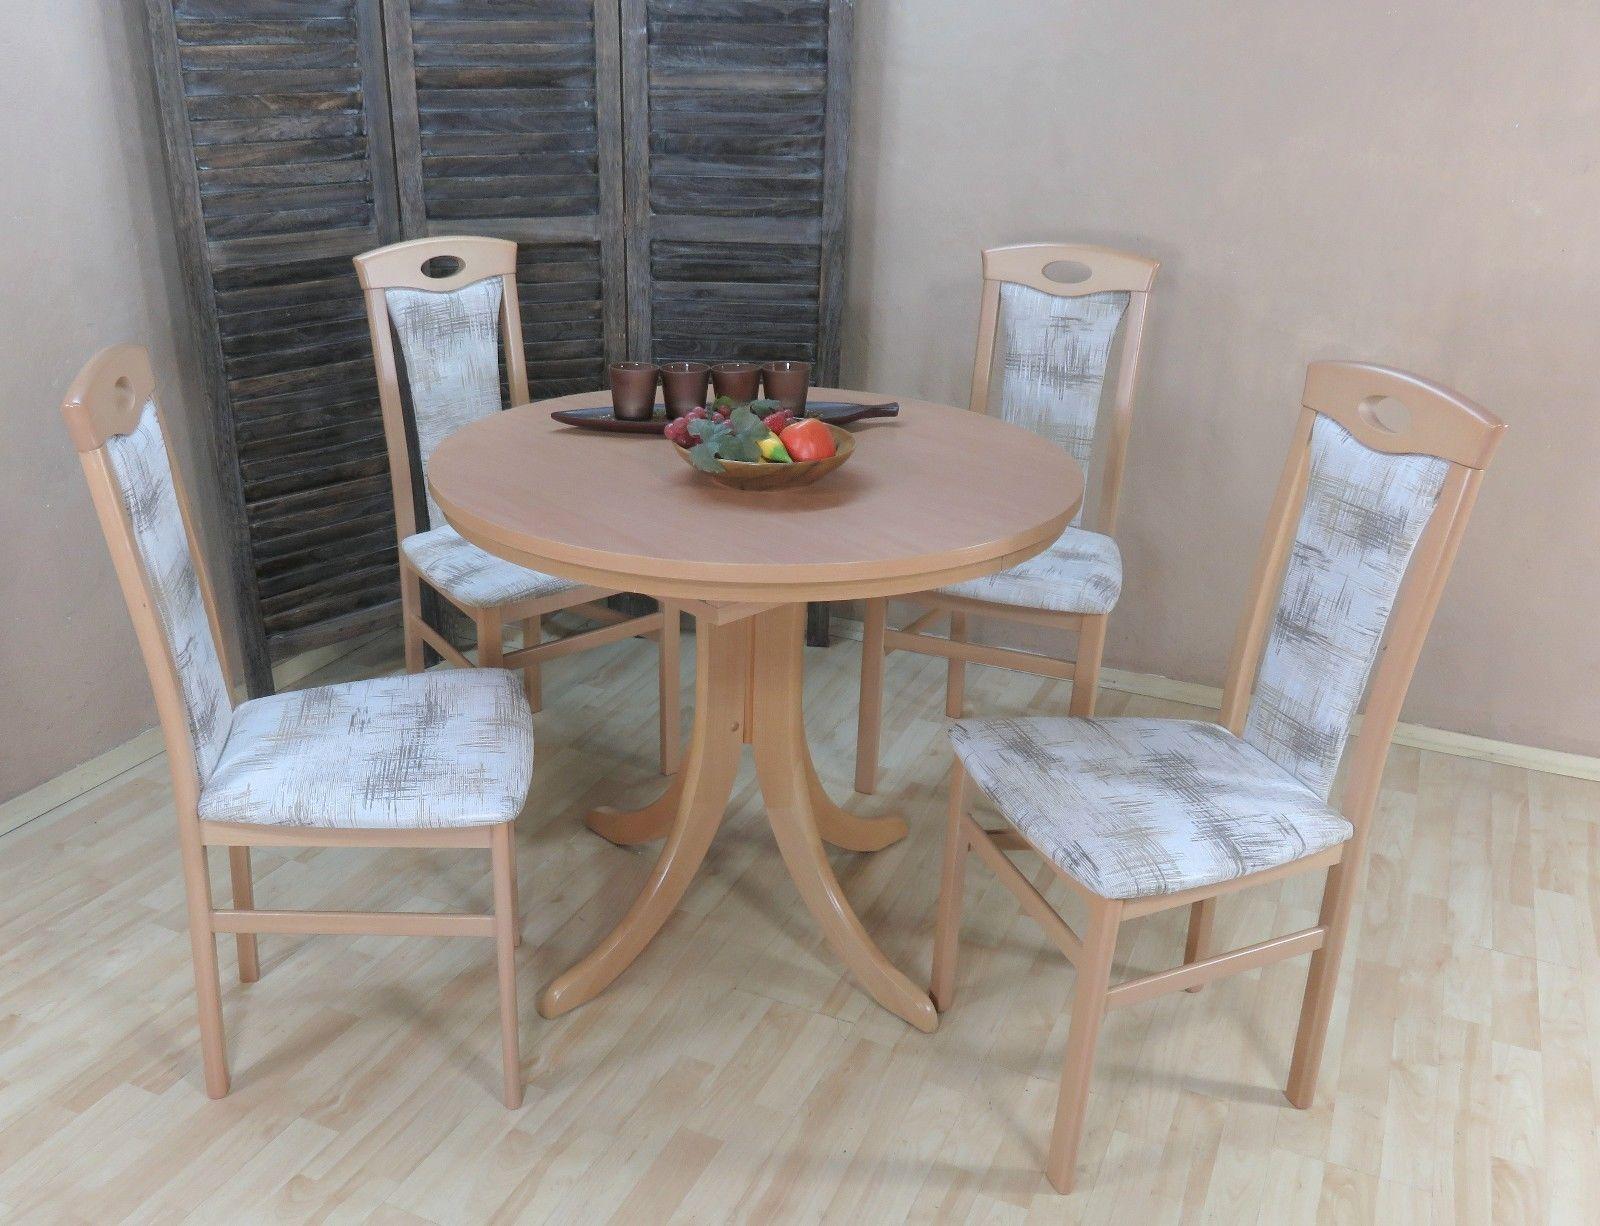 Wunderbar Stühle Für Esstisch Foto Von Tischgruppe Buche Natur Essgruppe 4 Stühle Auszug